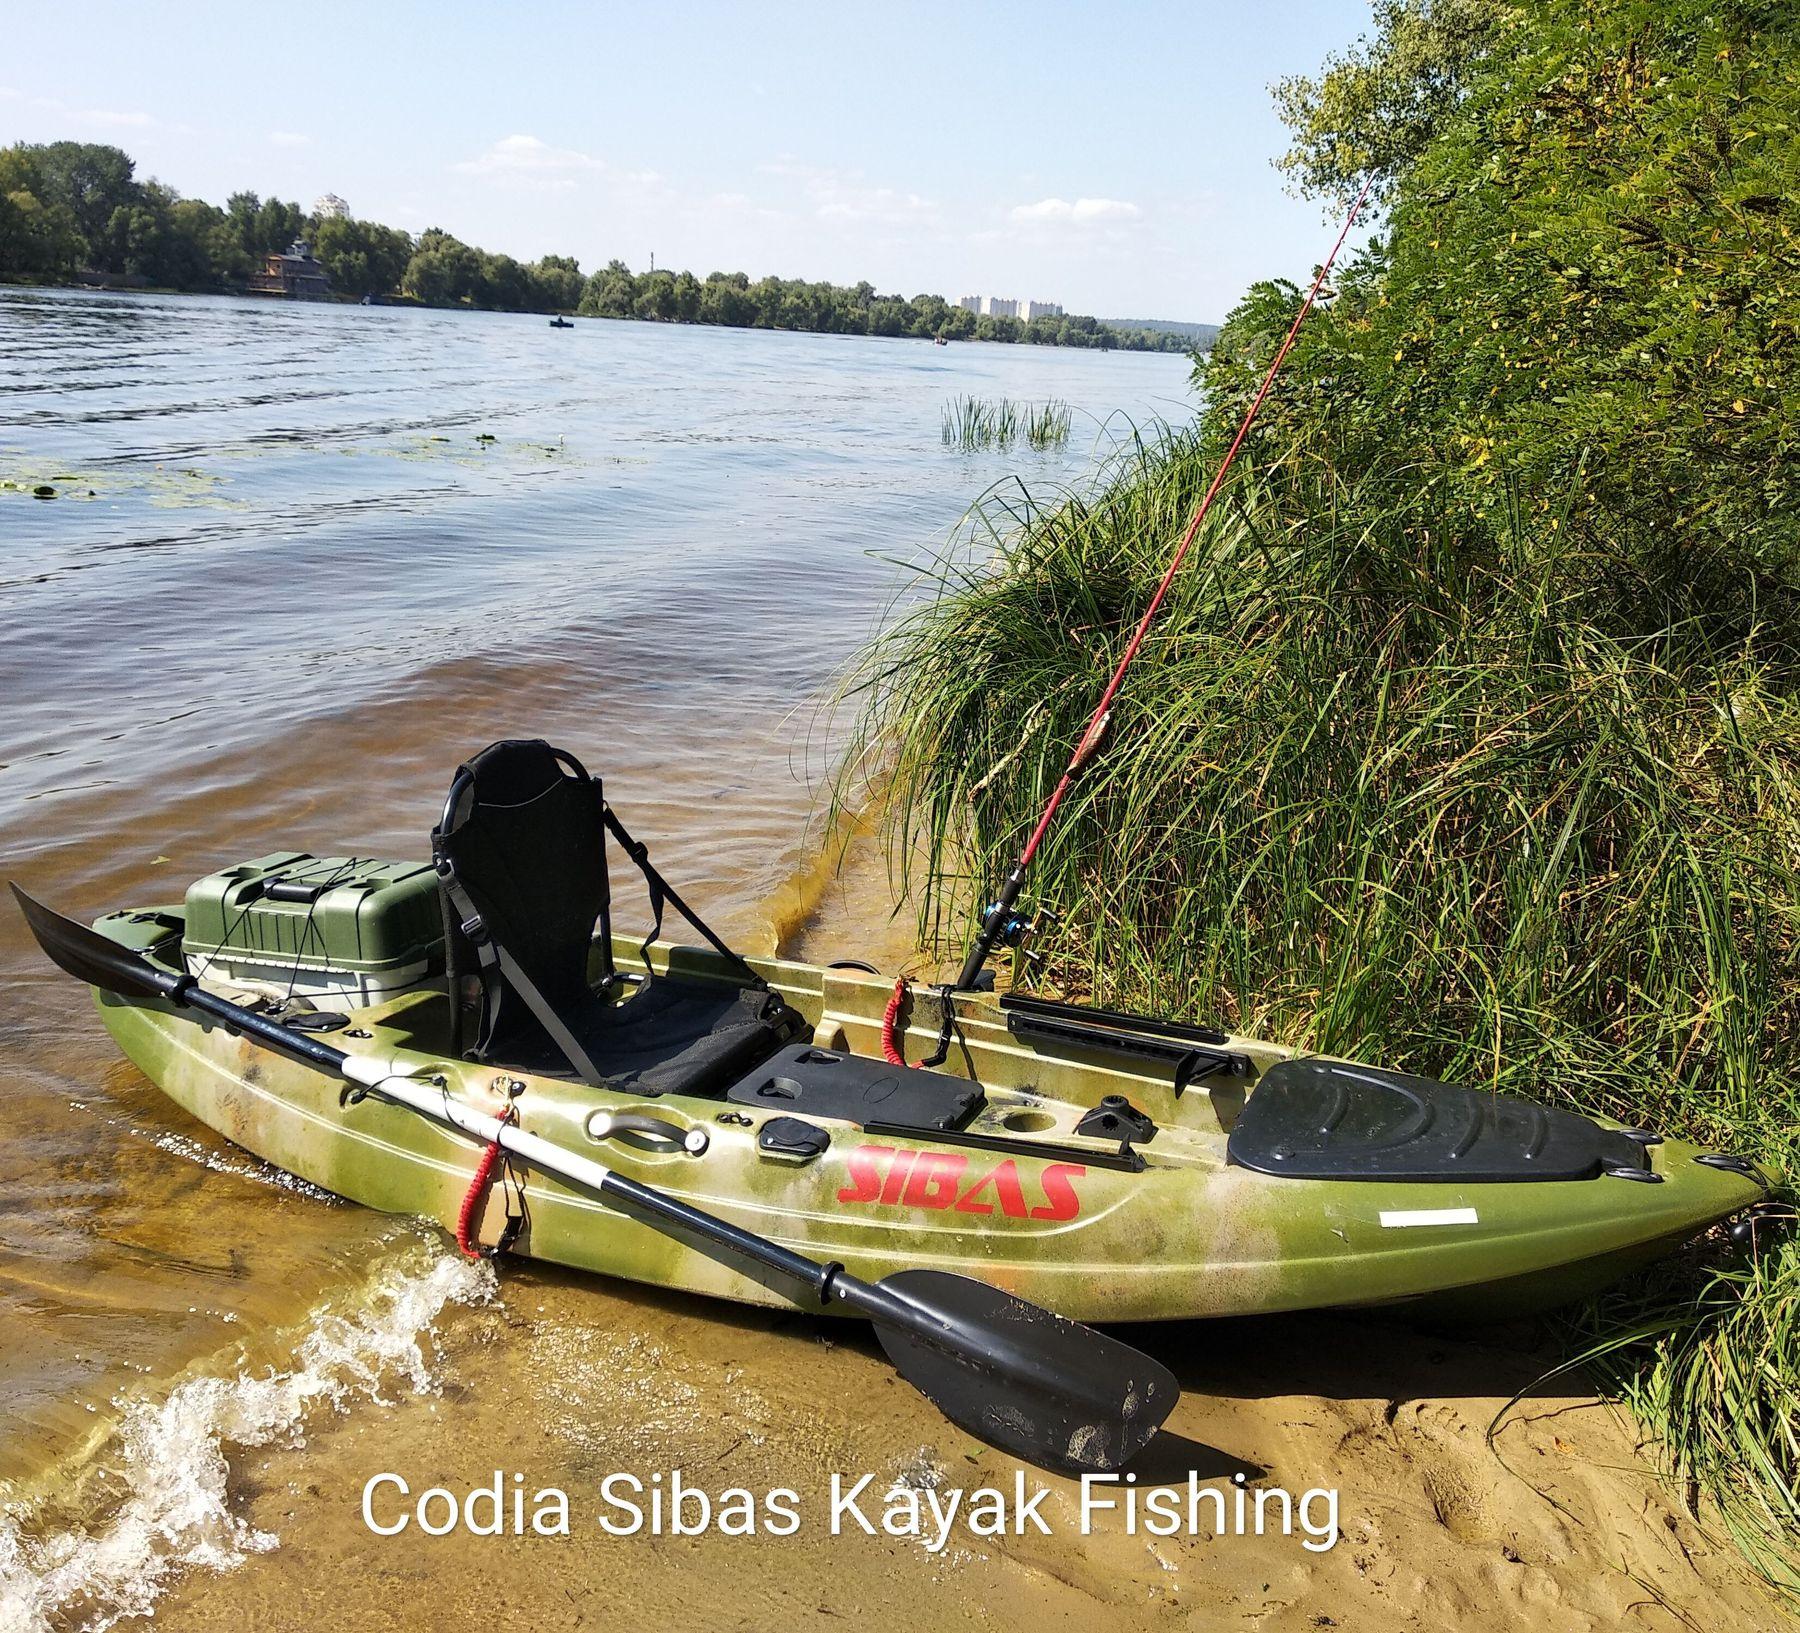 Кодиа Сибас рыбацкий каяк камуфляж для рыбалки охоты